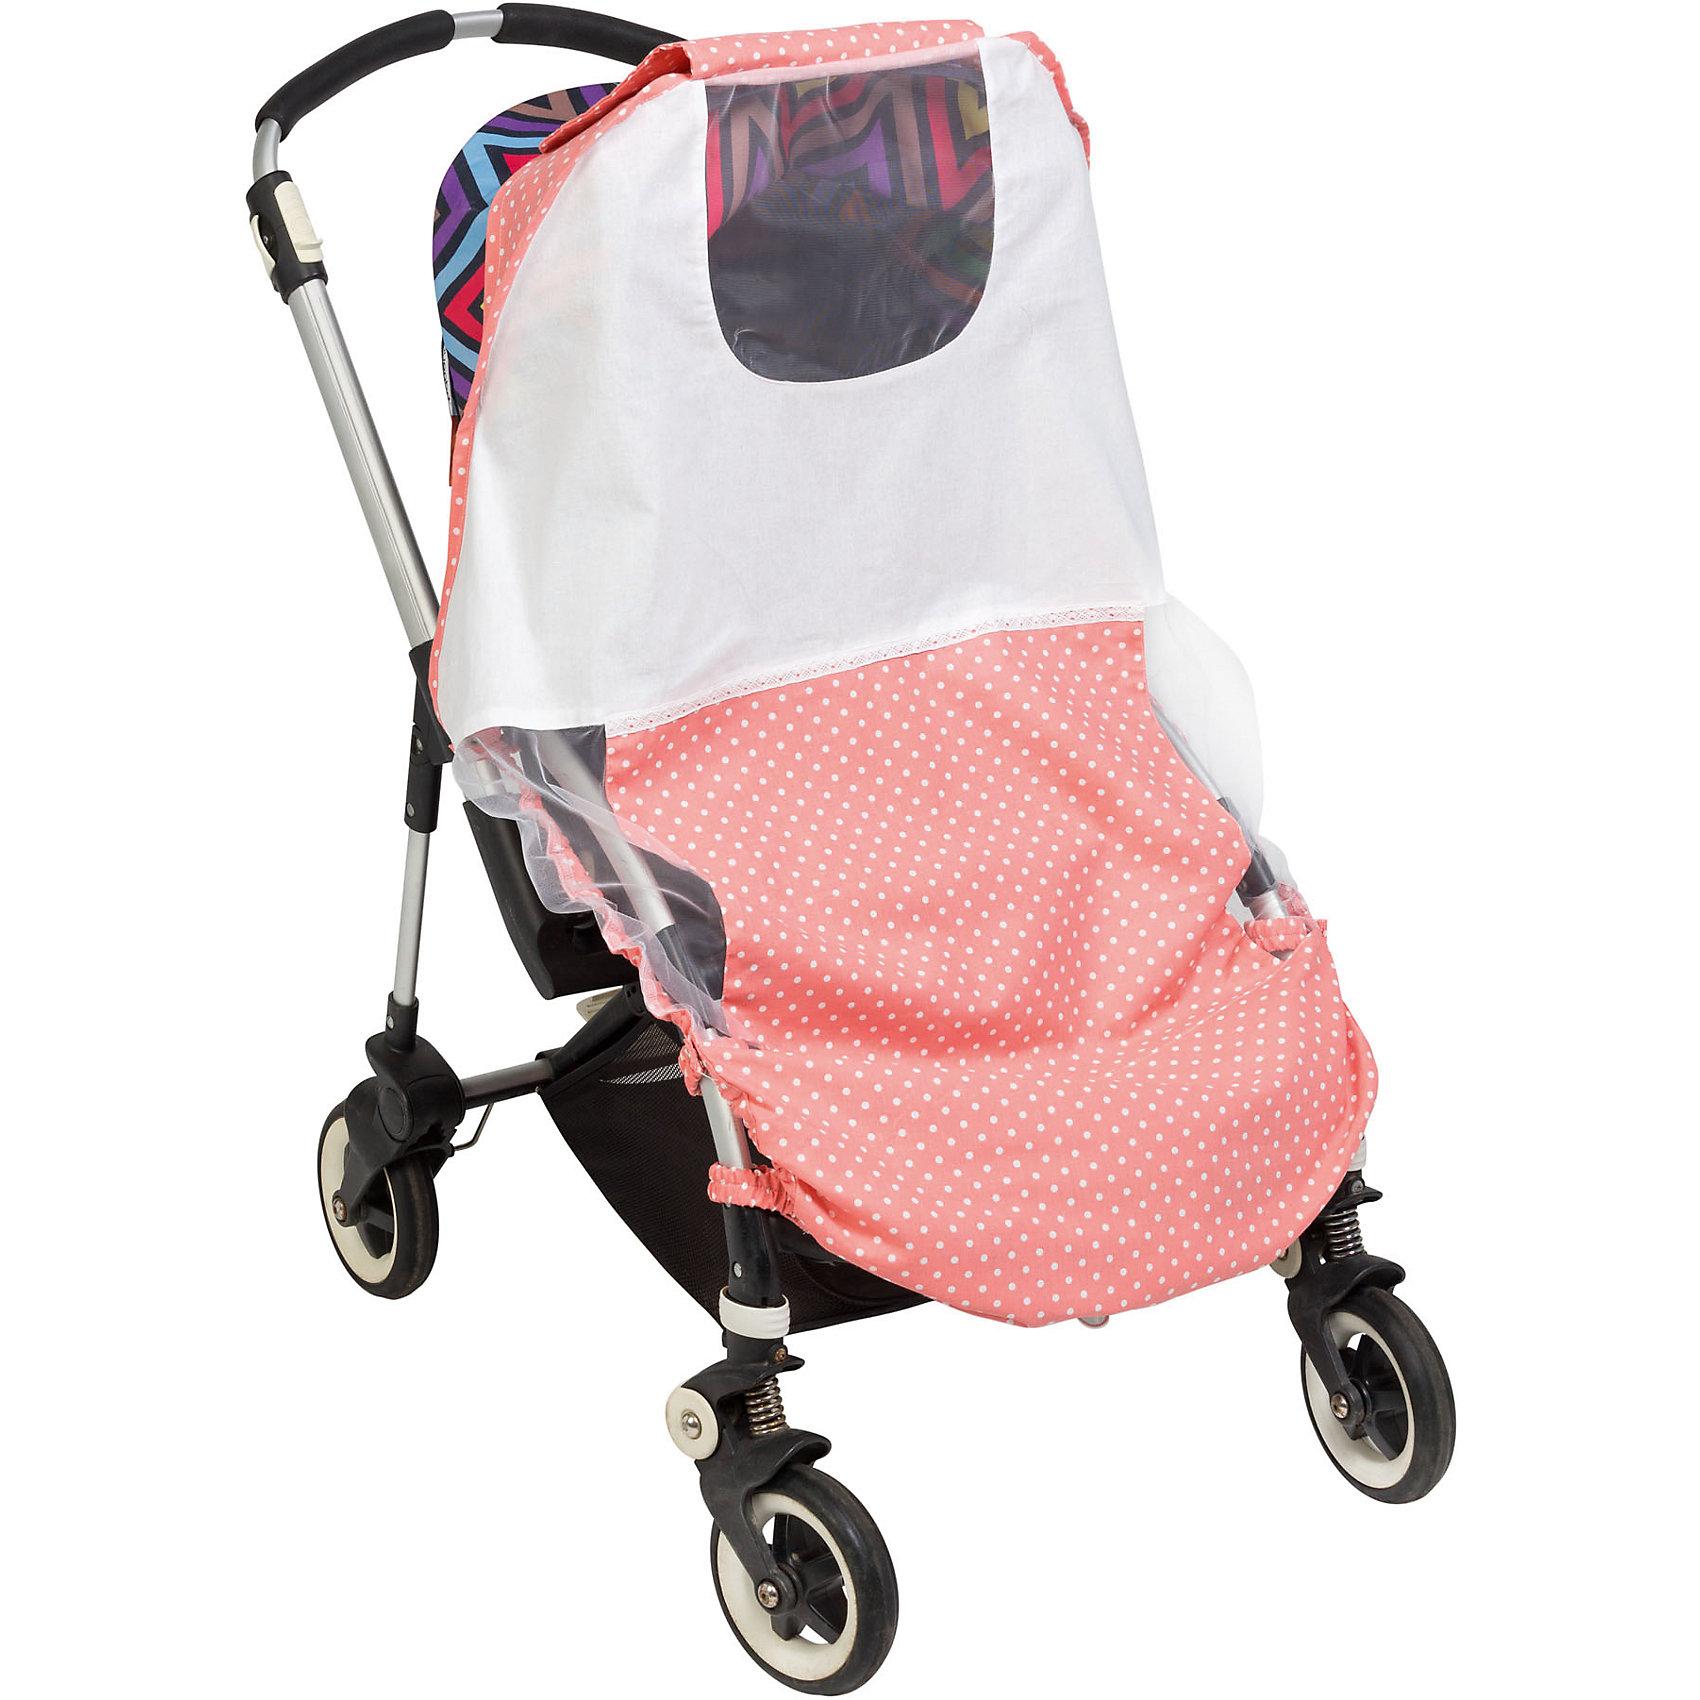 Тент солнцезащитный  для коляски Mammie, горох розовыйАксессуары для колясок<br>Тент солнцезащитный  для коляски Mammie, горох розовый.<br><br>Характеристики:<br><br>• Для детей с рождения<br>• Размер: 95х105 см.<br>• Цвет: розовый в белый горох<br>• Материал: 100% хлопок<br>• Уход: машинная стирка при 30 °С<br>• Размер упаковки: 20х30х5 см.<br>• Вес: 100 гр.<br><br>Солнцезащитный тент от бренда Mammie - незаменимый аксессуар для коляски во время прогулок в жаркие дни. Изготовленный из натурального хлопка тент прекрасно пропускает воздух, но при этом надежно защищает малыша от прямых солнечных лучей, ветра и различных насекомых. Универсальное крепление делает изделие применимым практически ко всем моделям прогулочных колясок-тростей. Боковины тента выполнены из сетчатого материала, что обеспечивает хорошую вентиляцию, а специальное окошко с сеткой позволяет полностью видеть малыша, не беспокоя его во время сна. Тент легко складывается, в сложенном виде не занимает много места. Солнцезащитный тент Mammie – это комфортная прогулка крохи даже в самые знойные летние дни! Тент можно дополнить матрасиком для коляски в тон тента.<br><br>Тент солнцезащитный  для коляски Mammie, горох розовый можно купить в нашем интернет-магазине.<br><br>Ширина мм: 200<br>Глубина мм: 300<br>Высота мм: 50<br>Вес г: 100<br>Возраст от месяцев: 0<br>Возраст до месяцев: 60<br>Пол: Унисекс<br>Возраст: Детский<br>SKU: 5613234